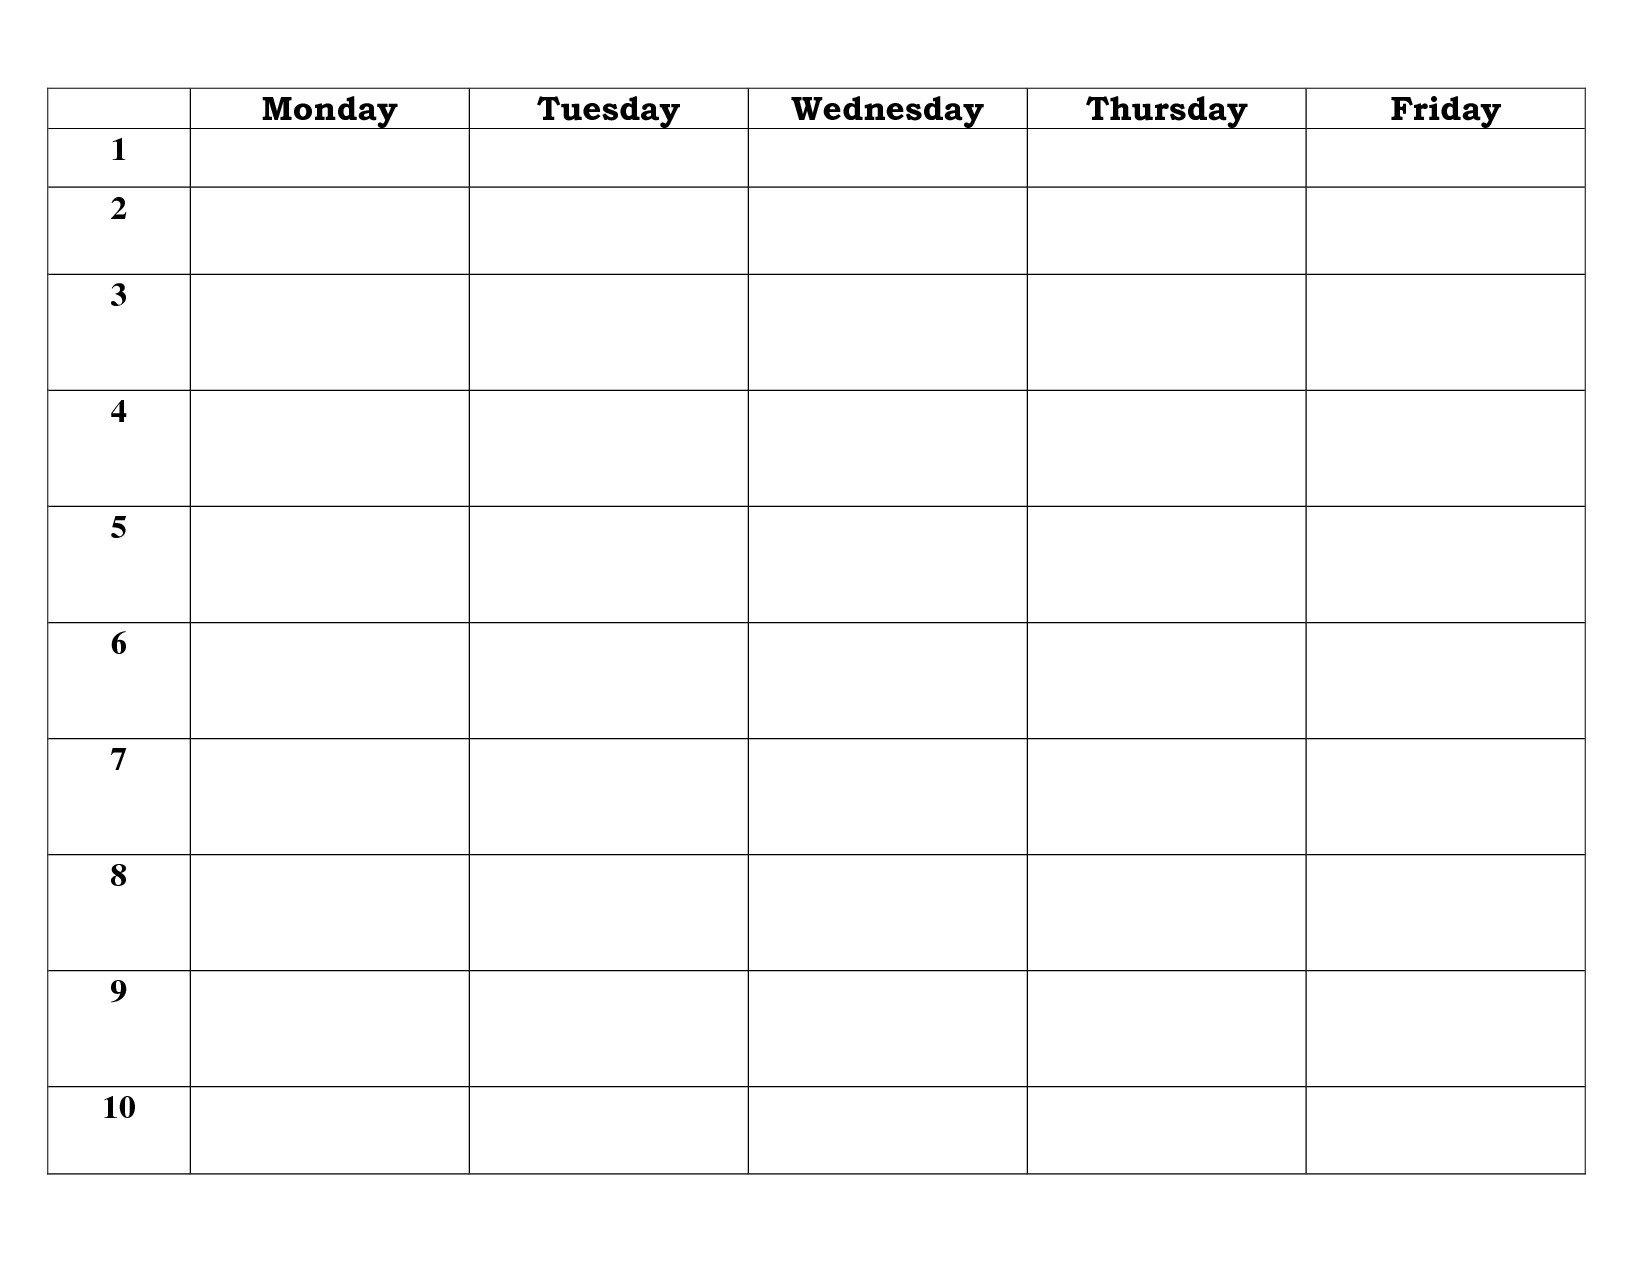 Blank Calendar Template 5 Day - Calendar Inspiration Design 5 Day Calendar Free Template